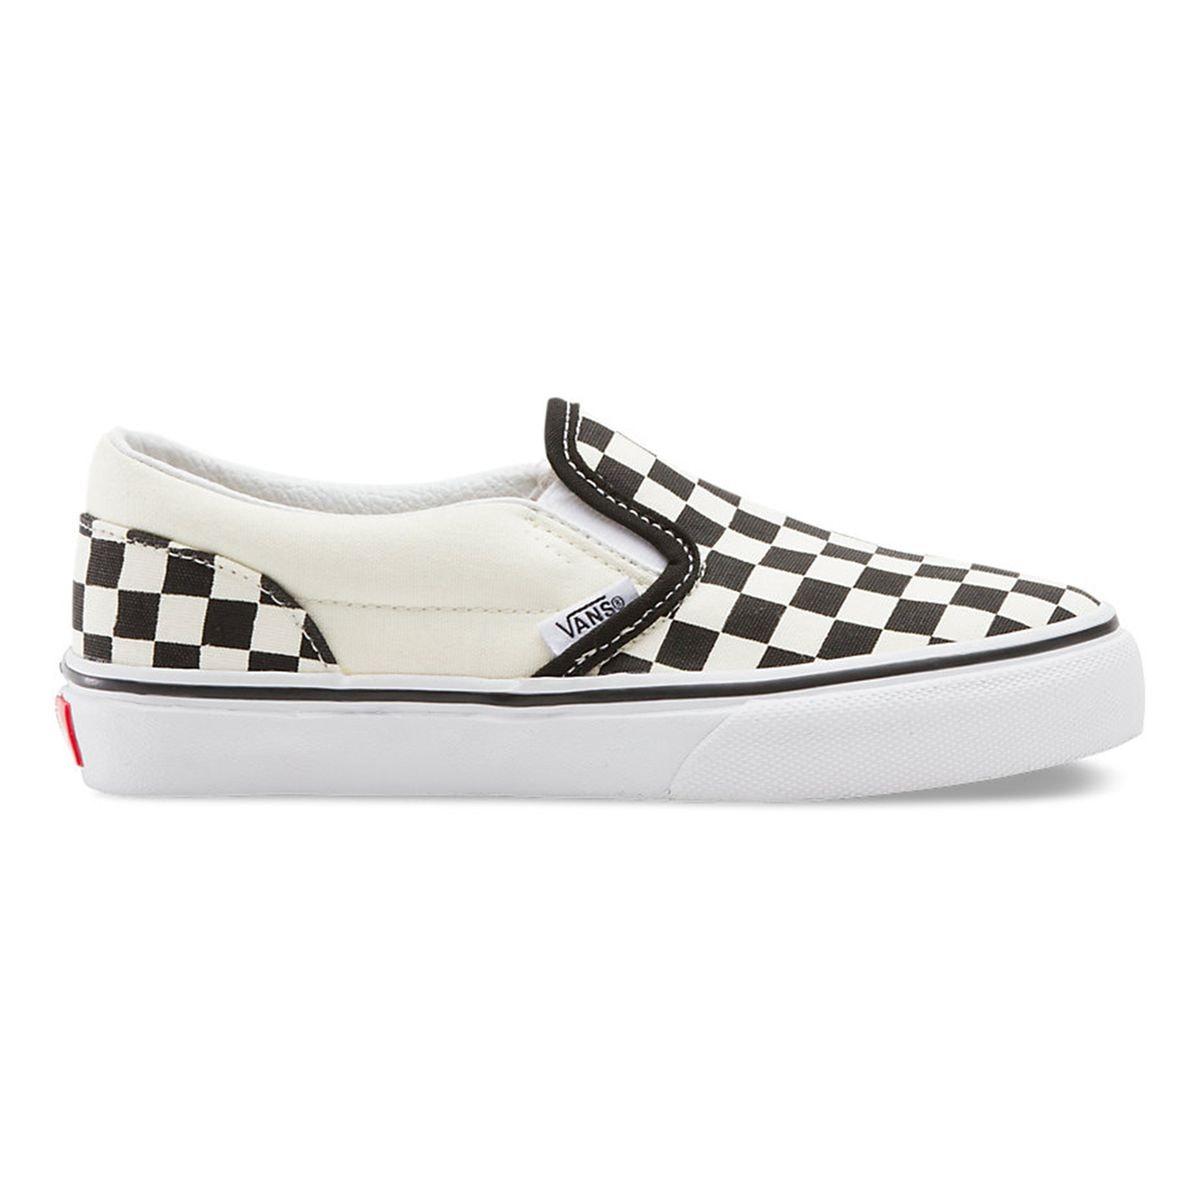 Chaussures Vans enfant | La Redoute